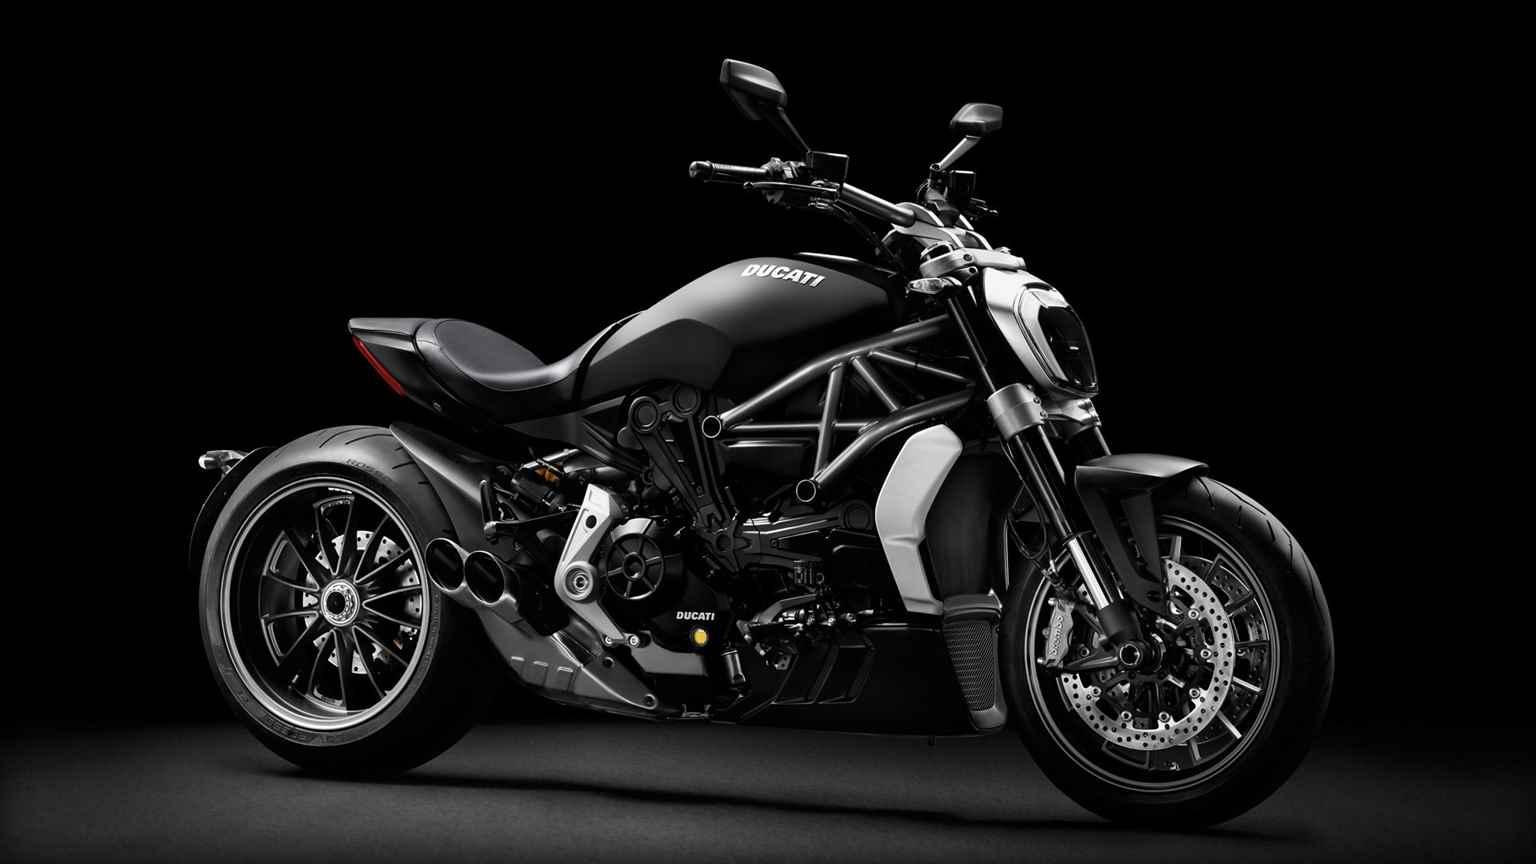 Nova Ducati XDiavel 2019